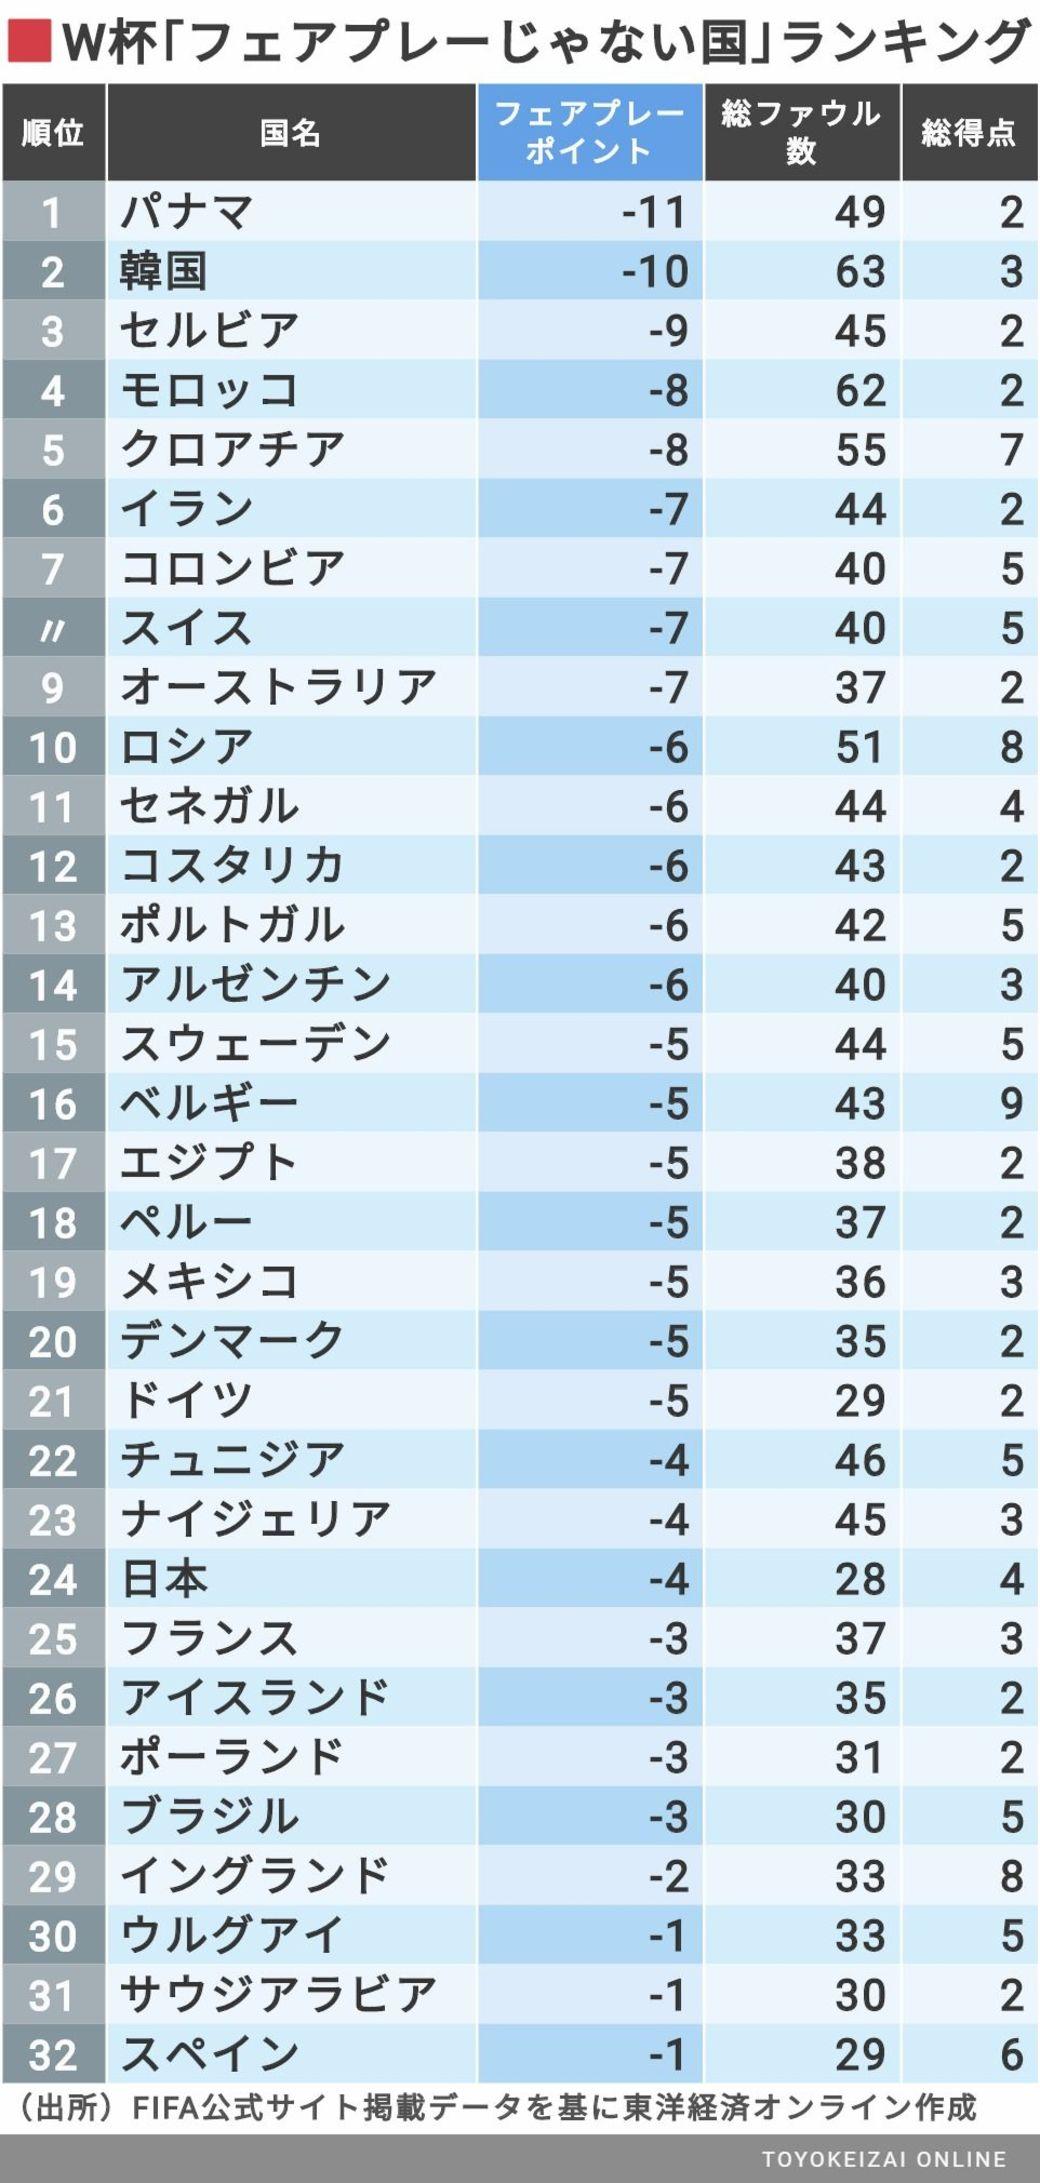 W杯 「フェアプレーじゃない国」ランキング・・・1位パナマ、2位韓国